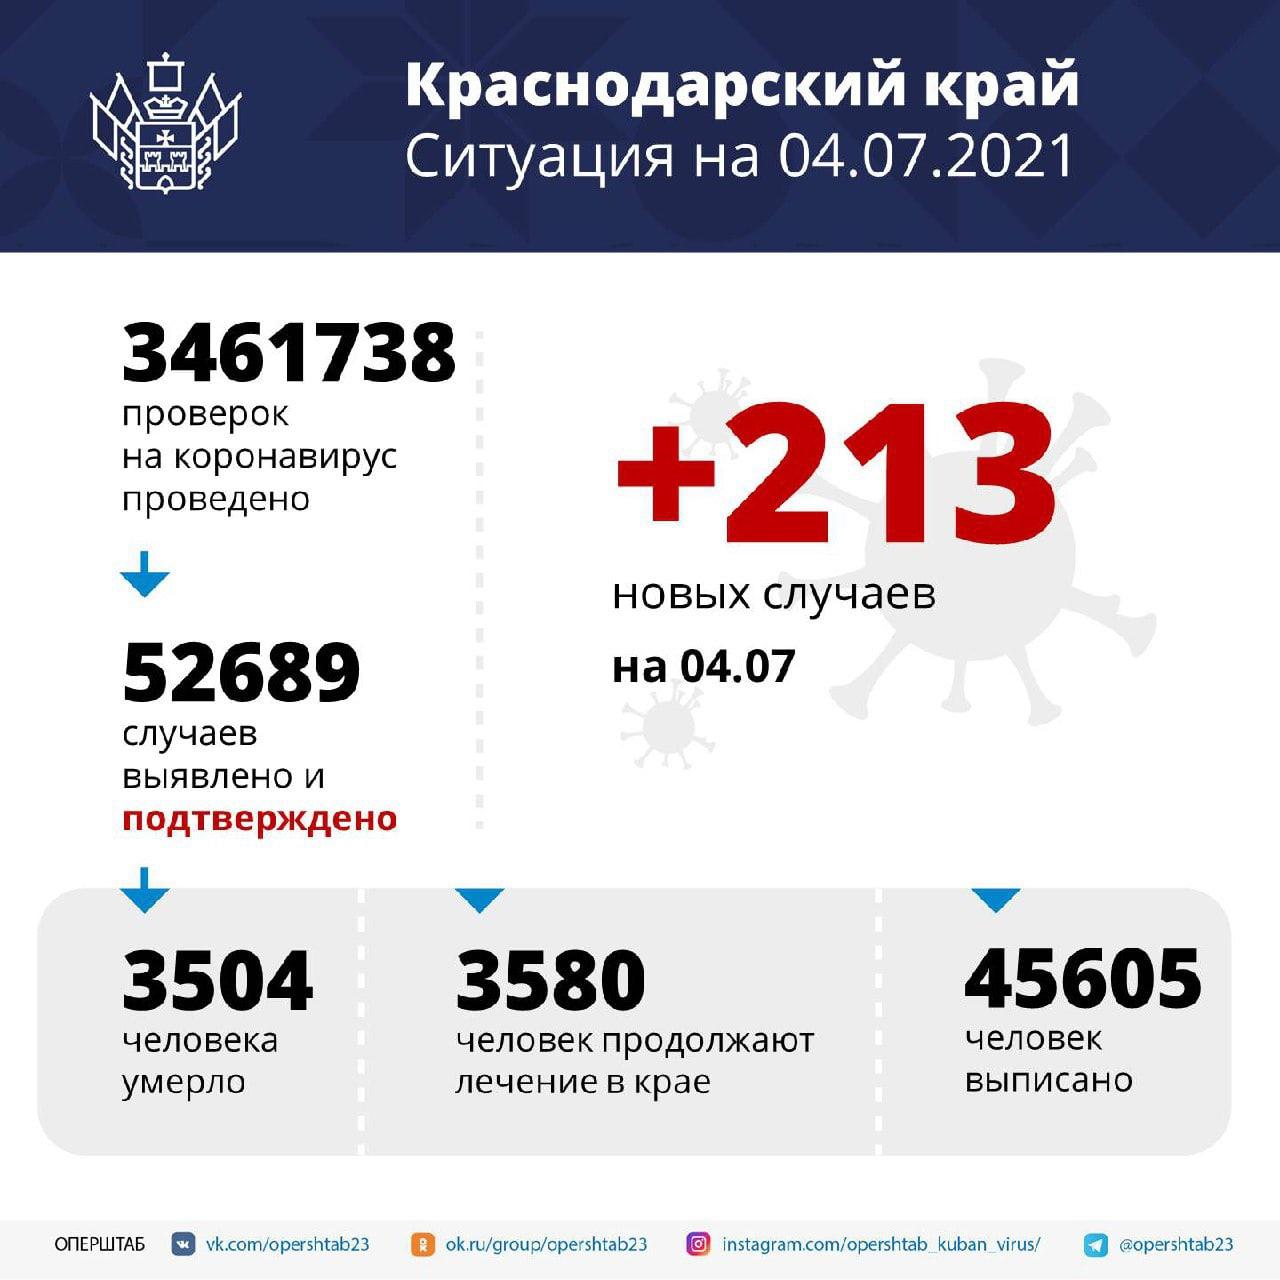 В Краснодарском крае за сутки зарегистрировали 213 случаев...